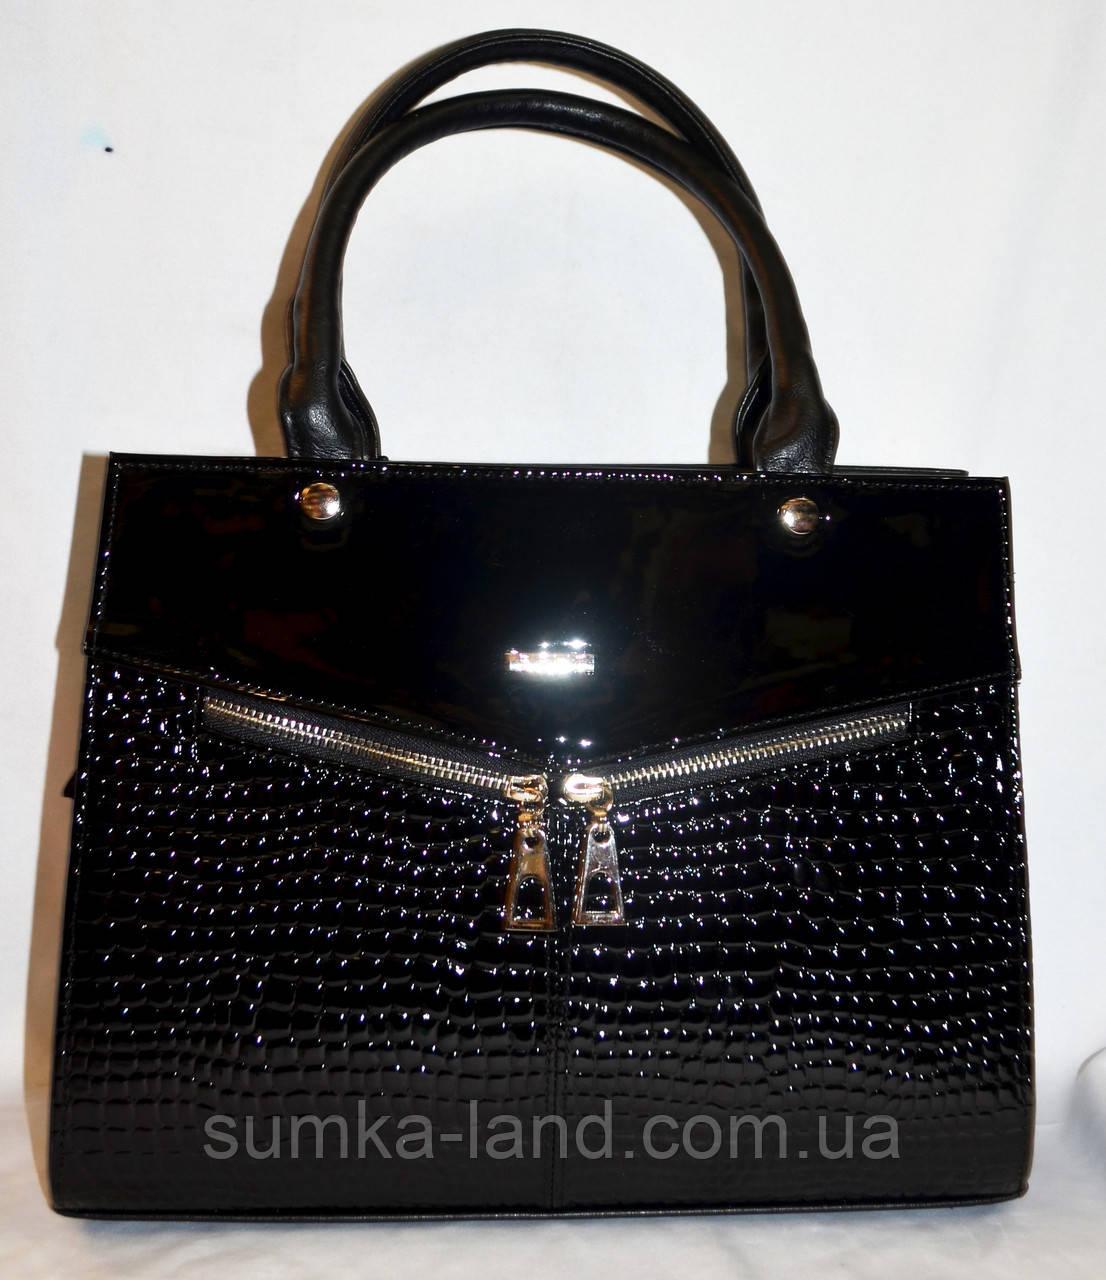 Женская каркасная сумка B Elit из кожзама с лаковой вставкой, с длинным ремешком 32*26 см (черный рептилия)